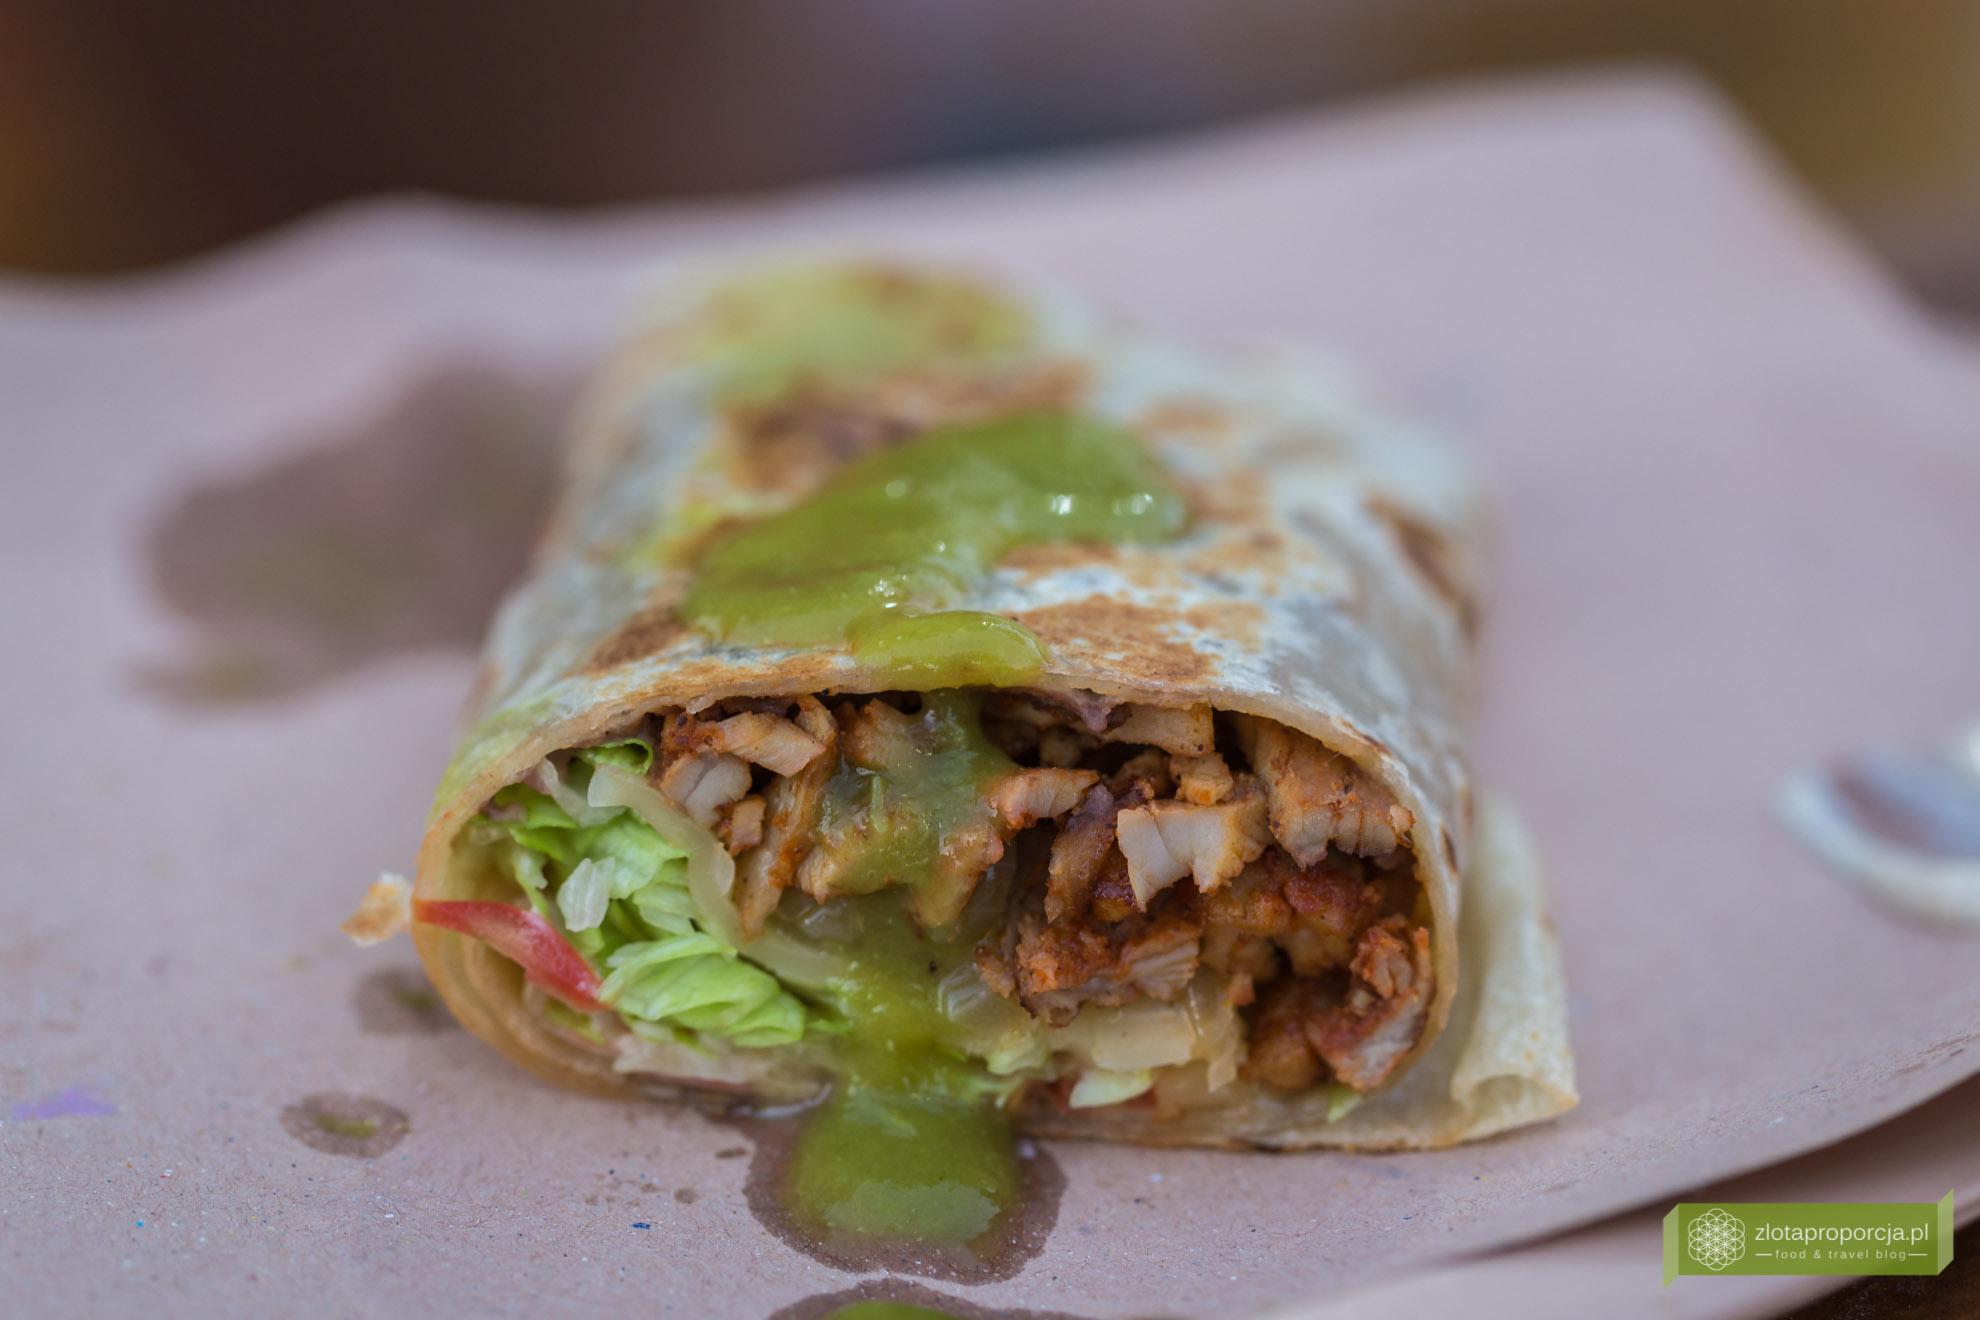 kuchnia Jukatanu, kuchnia meksykańska, meksykańskie potrawy, potrawy na Jukatanie, meksykański street food, burrito